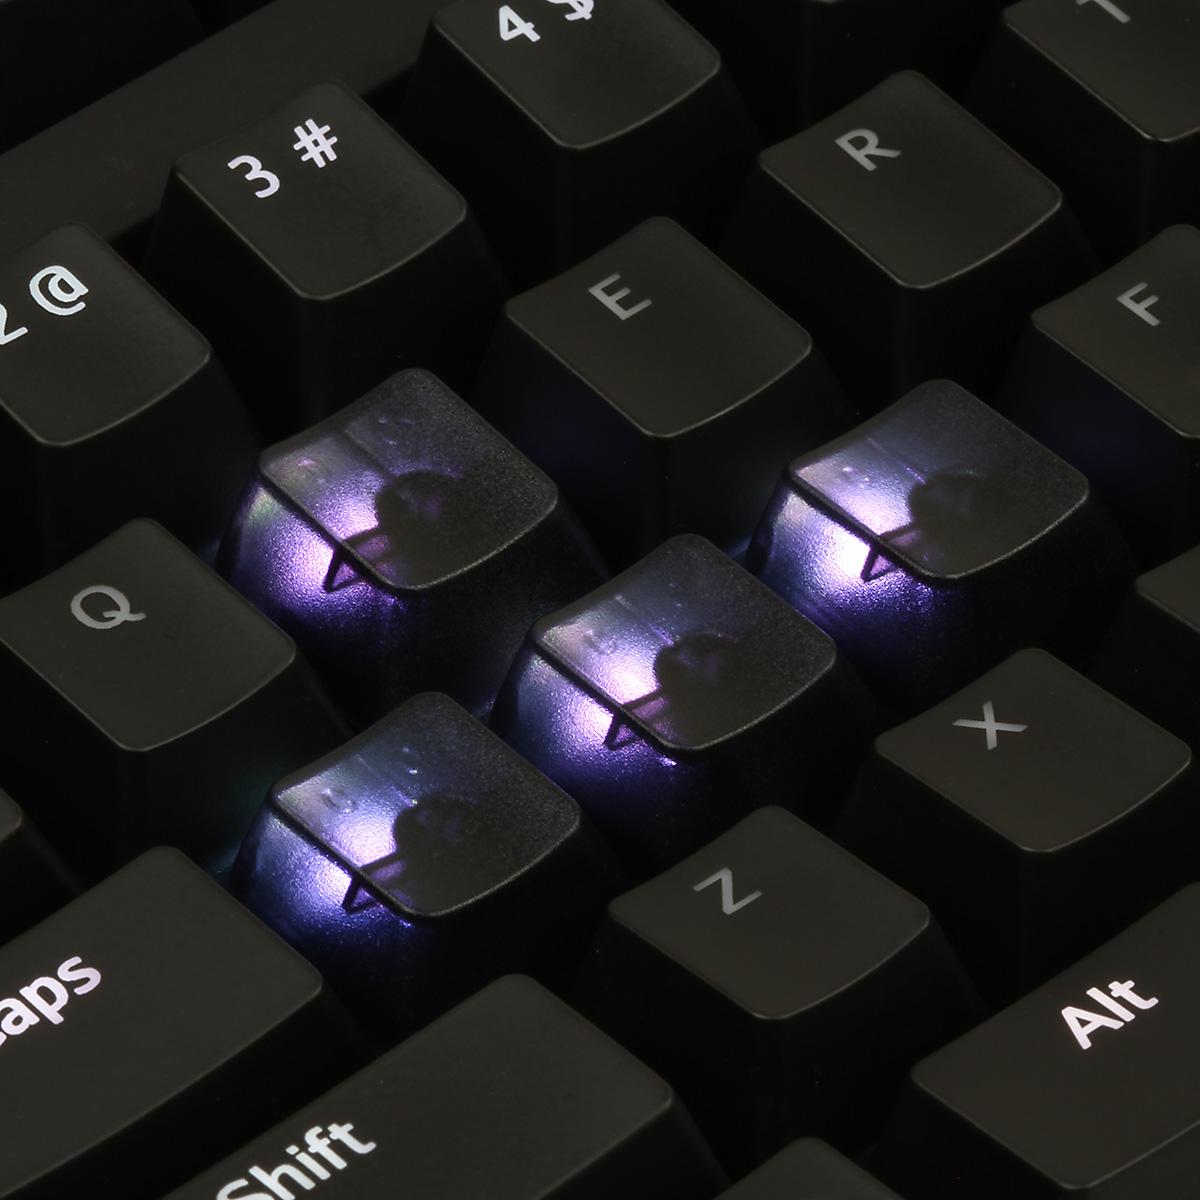 Black Translucent Cherry MX Blank Keycap Set (ESC, WASD, Arrow Keys)